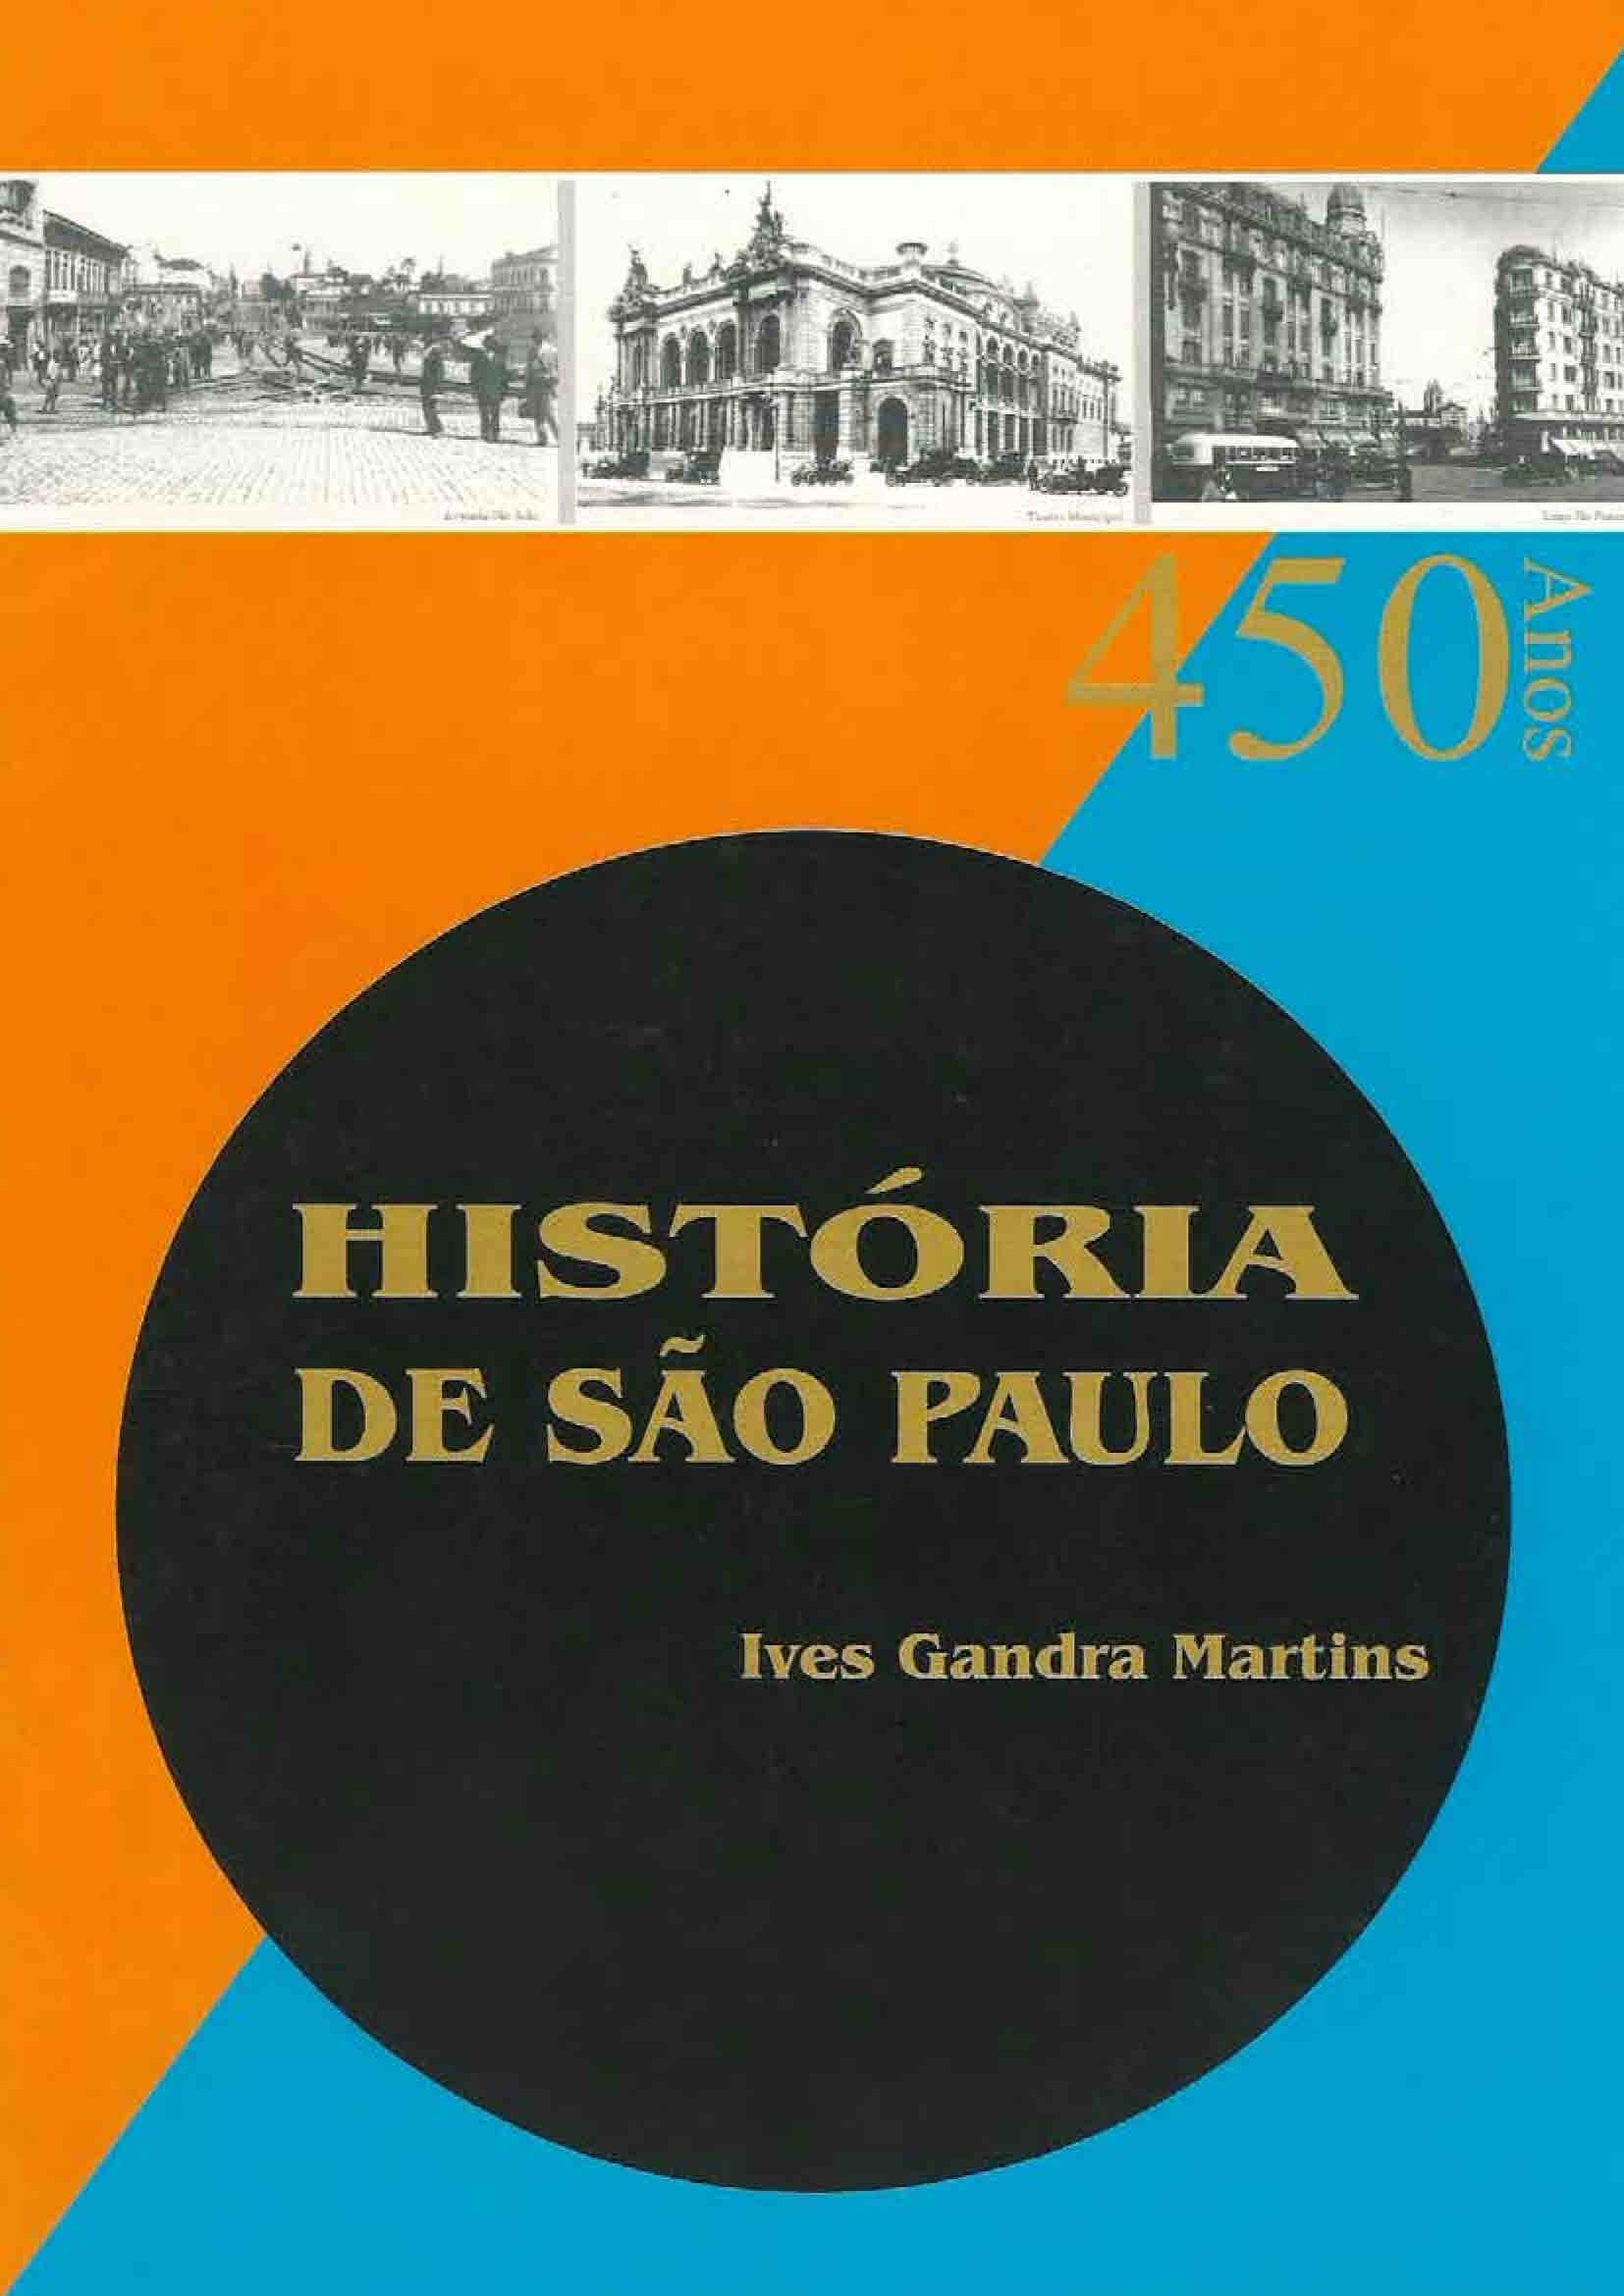 História de São Paulo: 450 anos